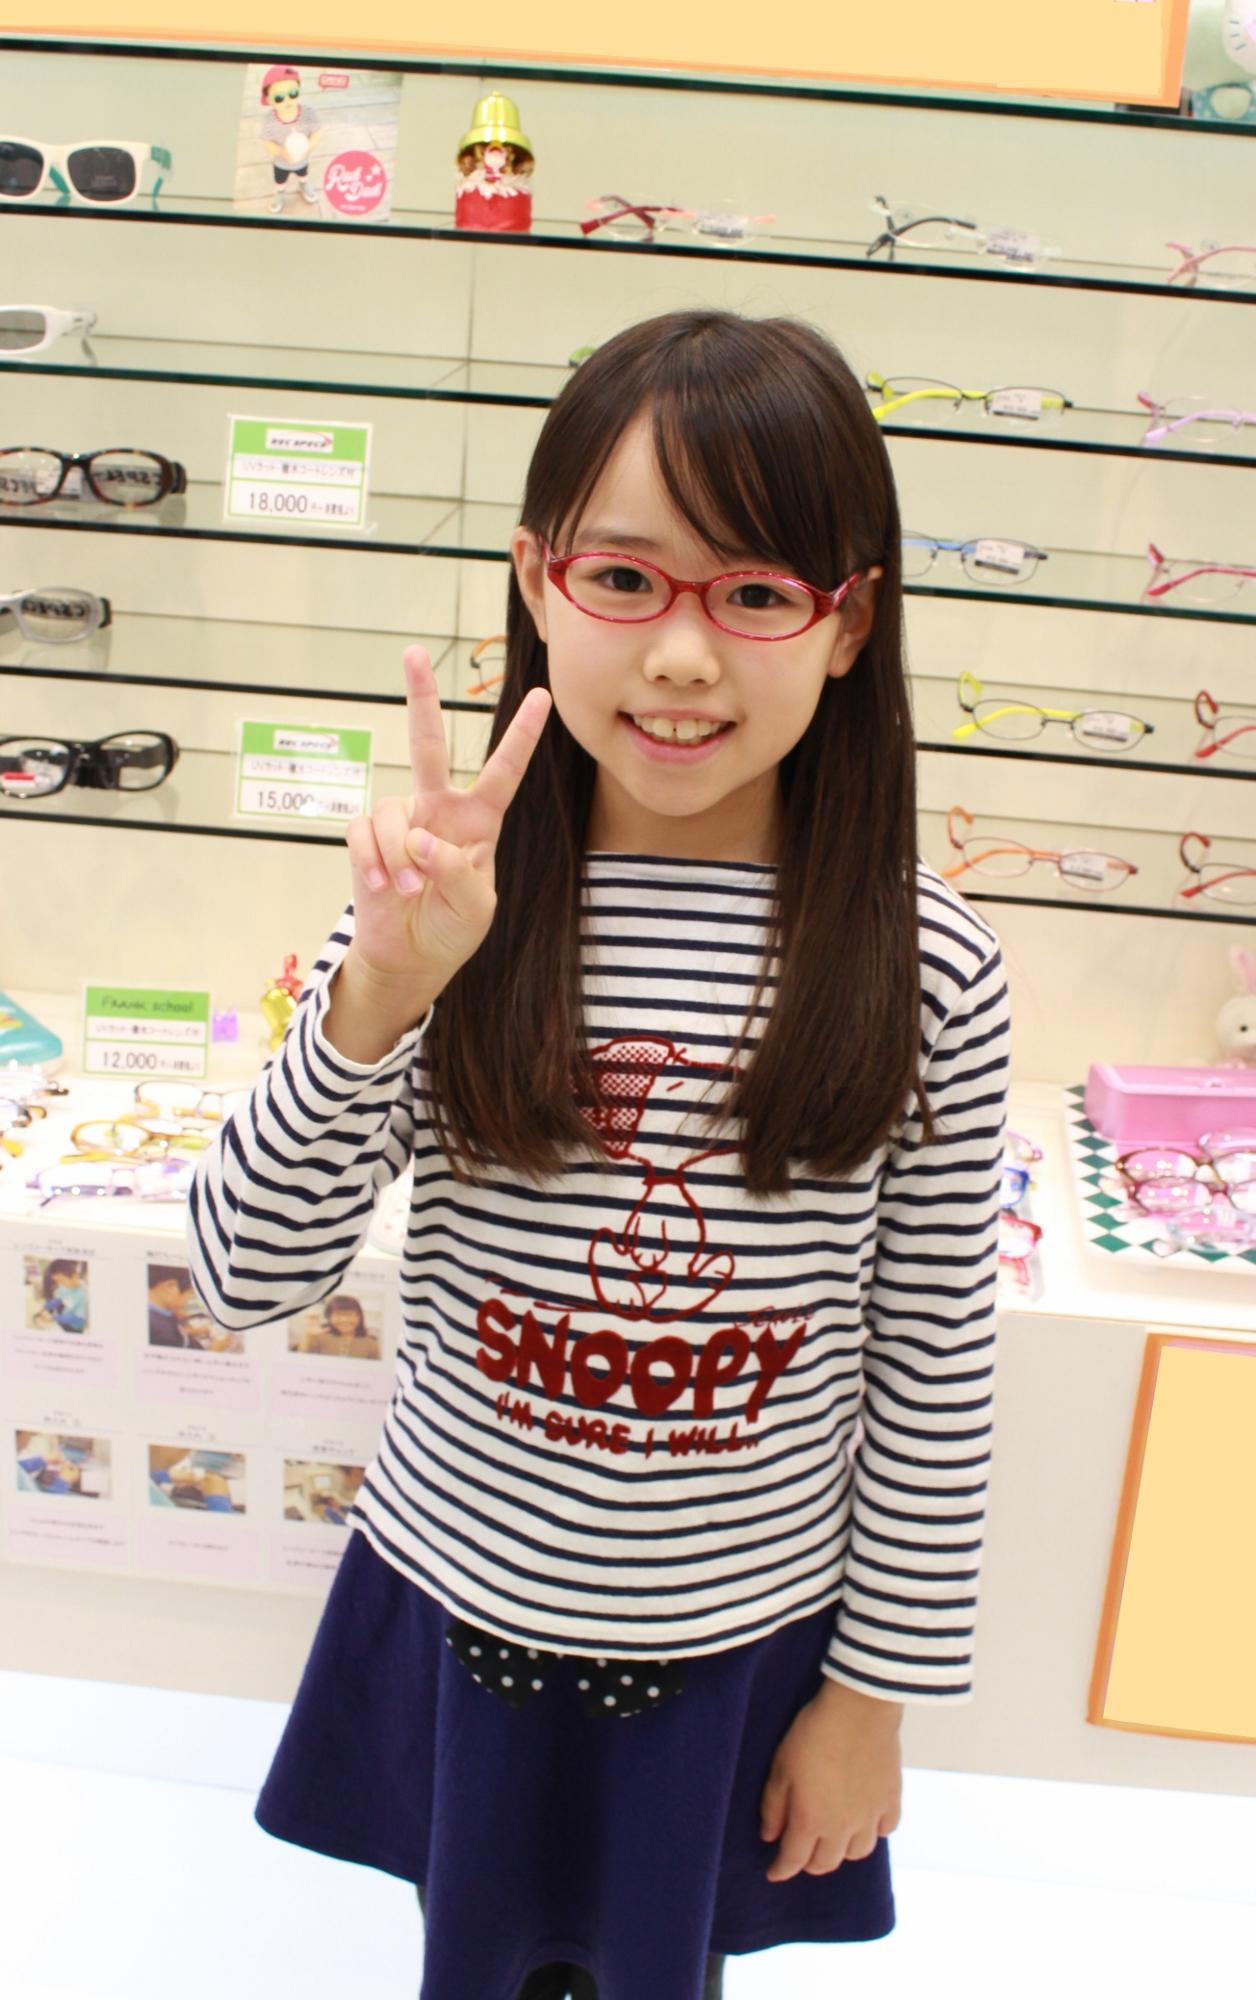 こどもメガネ 子供メガネ  メゾピアノ MP-102 武蔵野市 メガネ フェイスオン 武蔵境